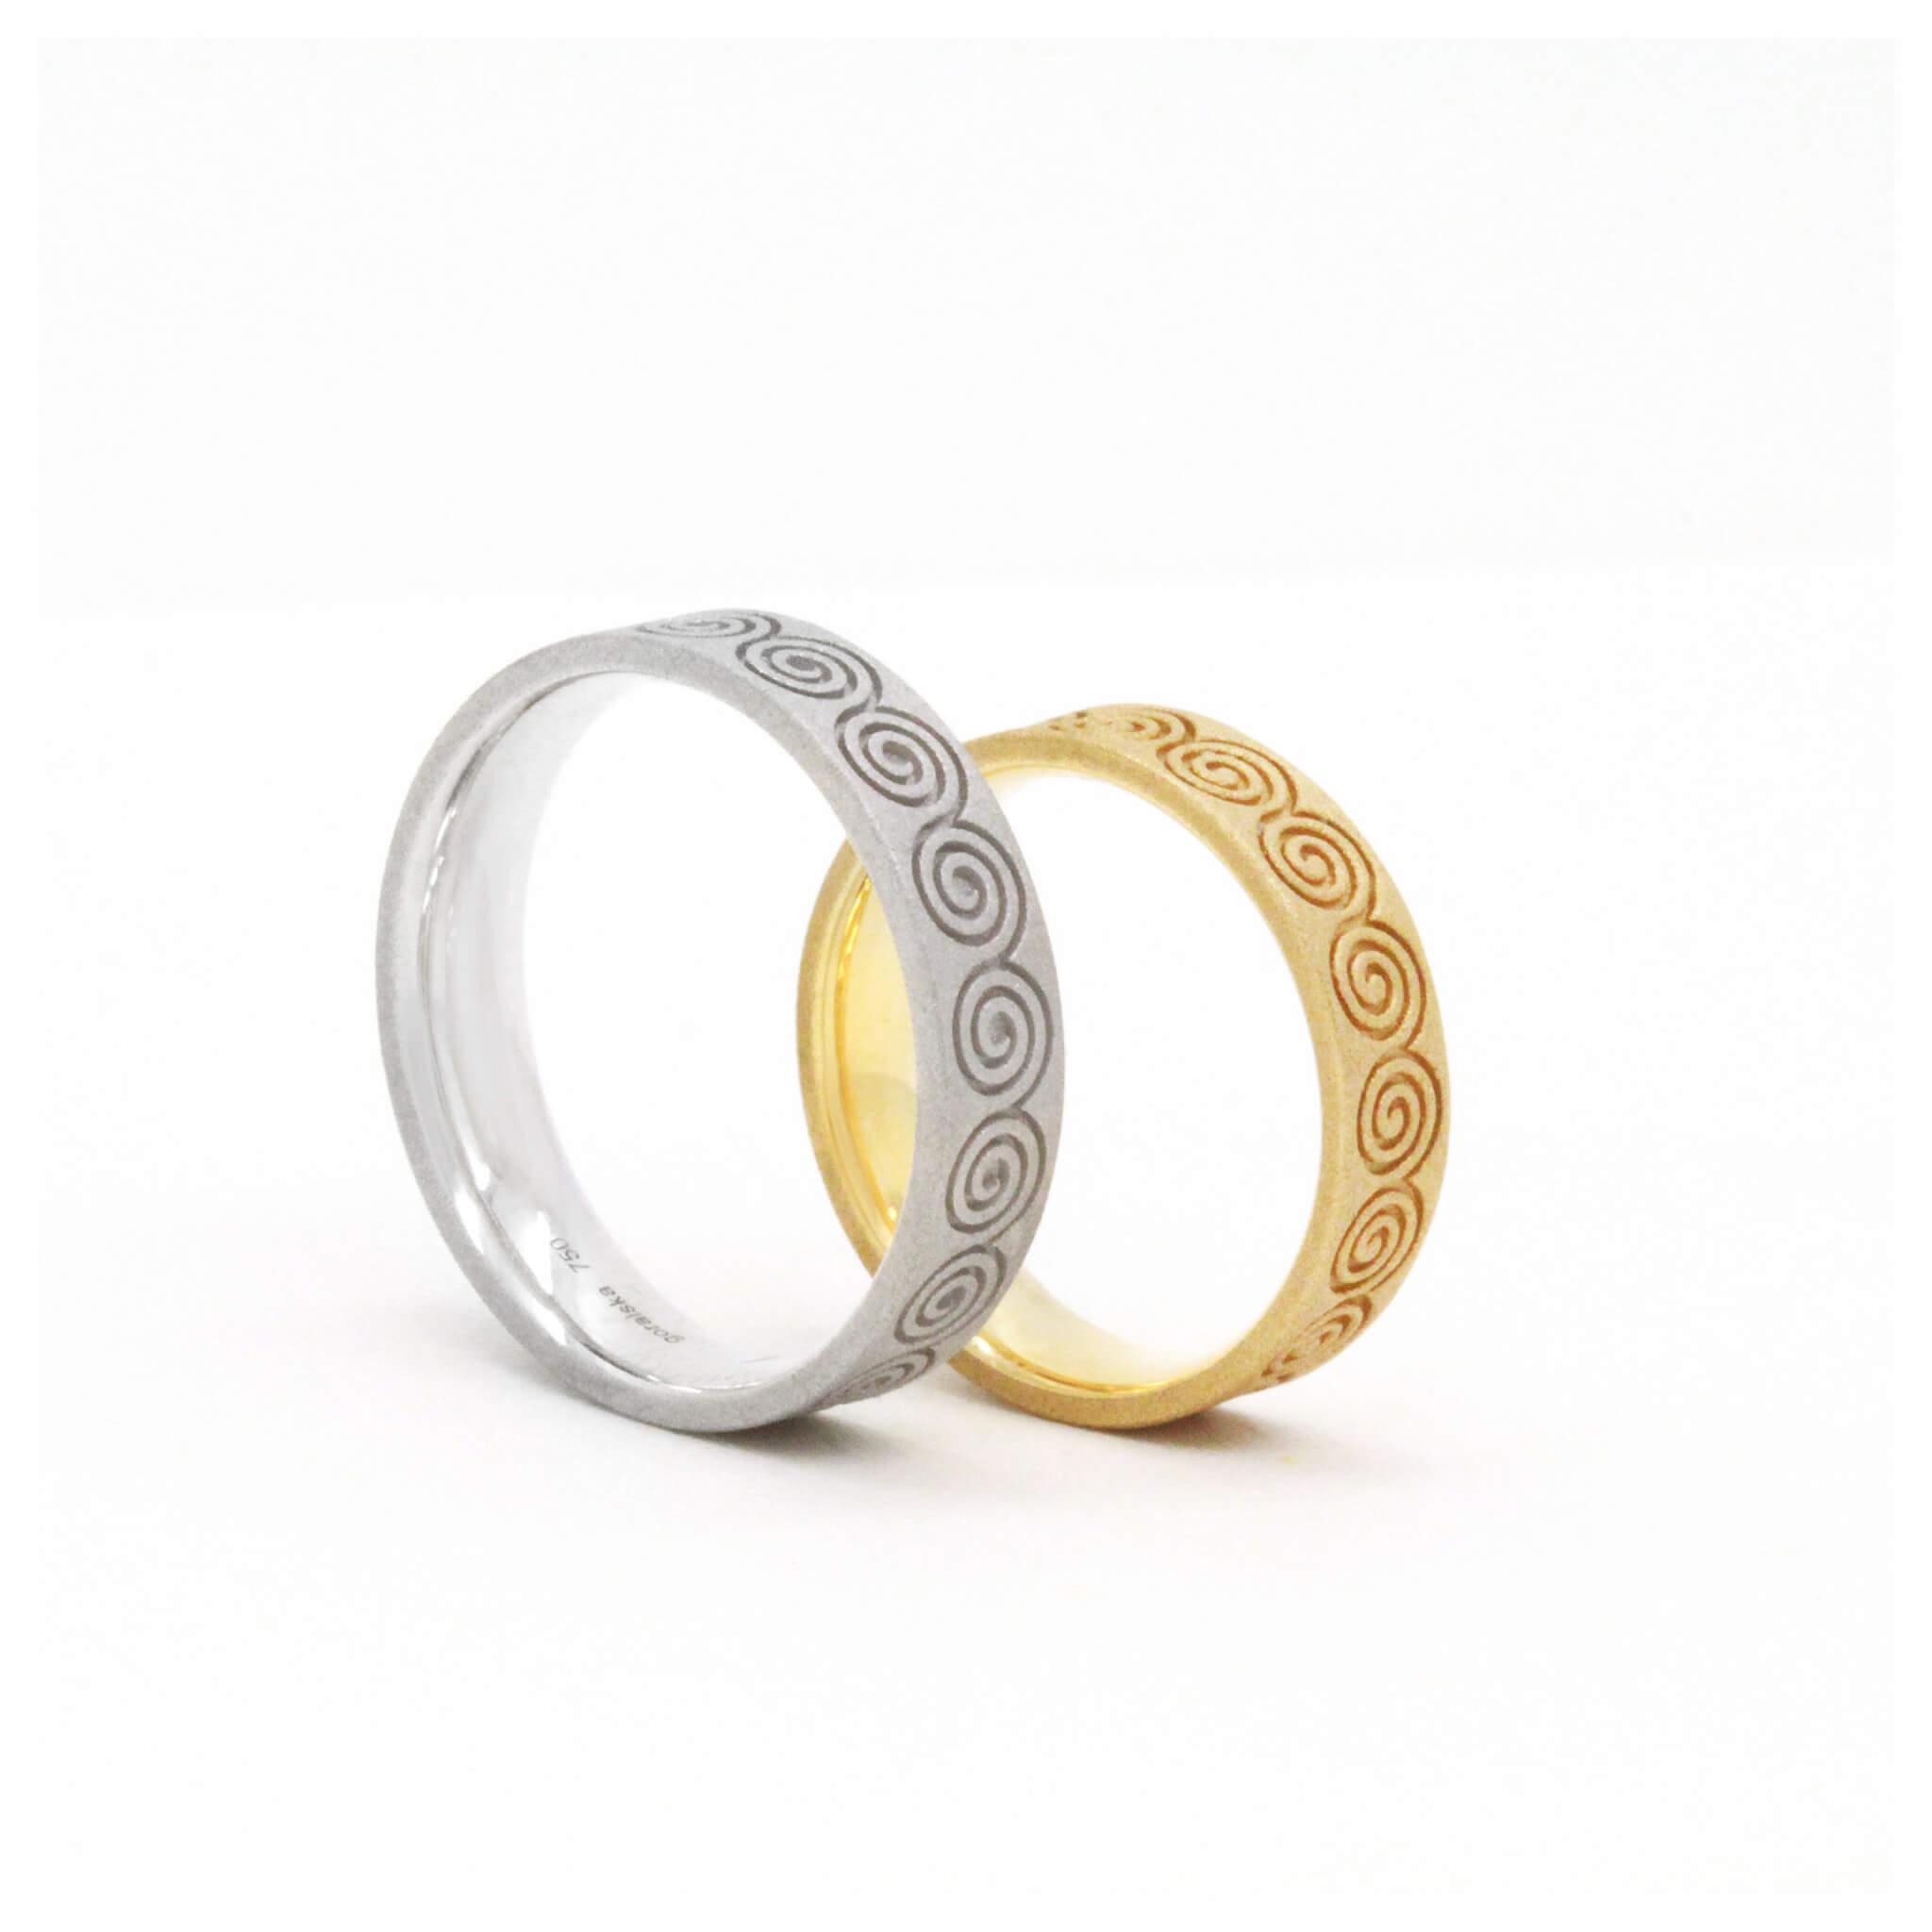 Spirale alliance or blanc et or jaune